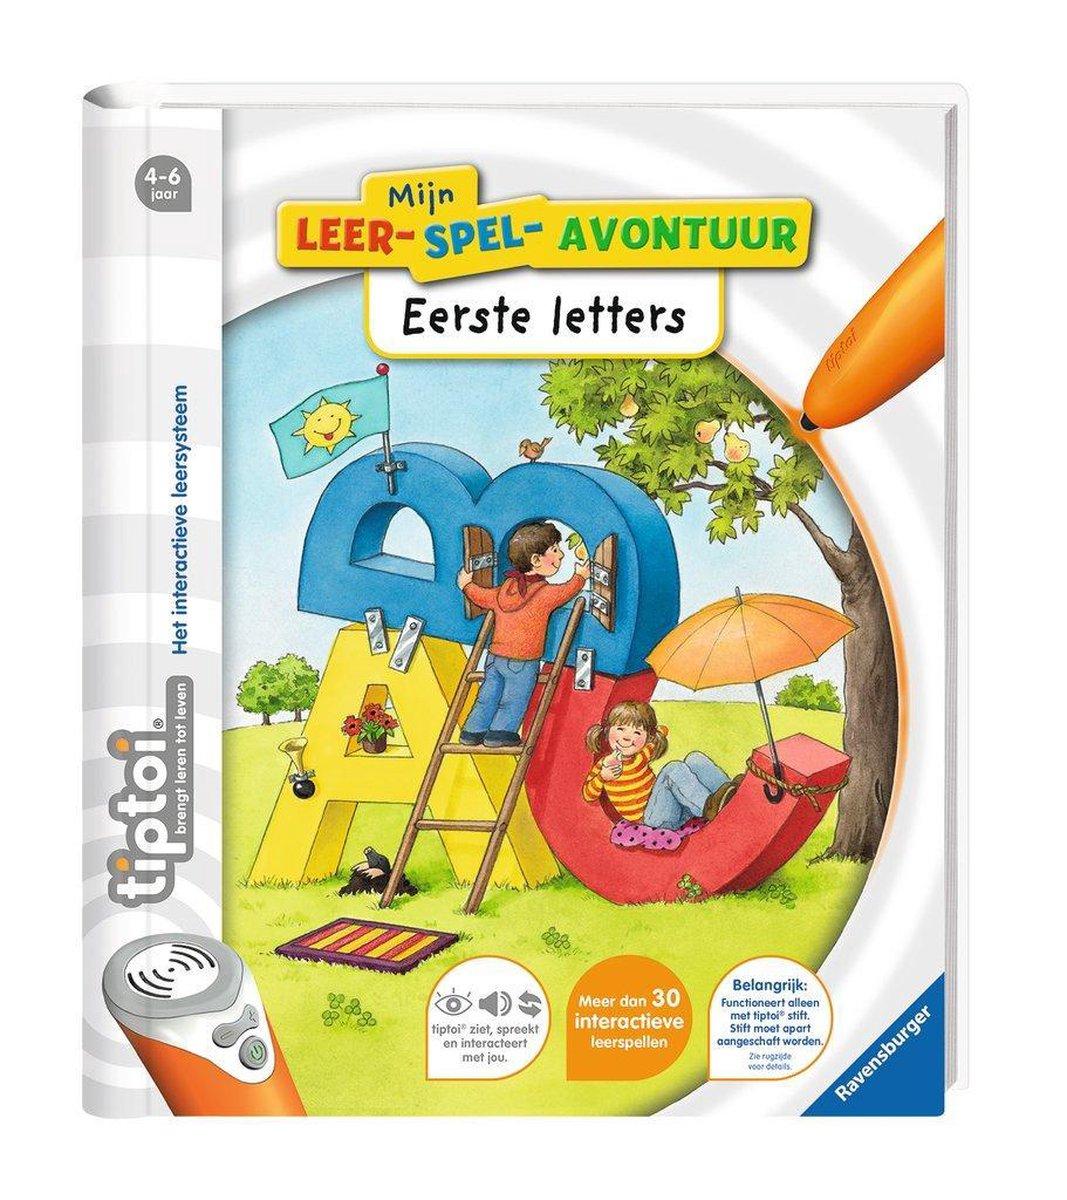 Ravensburger tiptoi® boek Mijn leerspel Avontuur Eerste letters